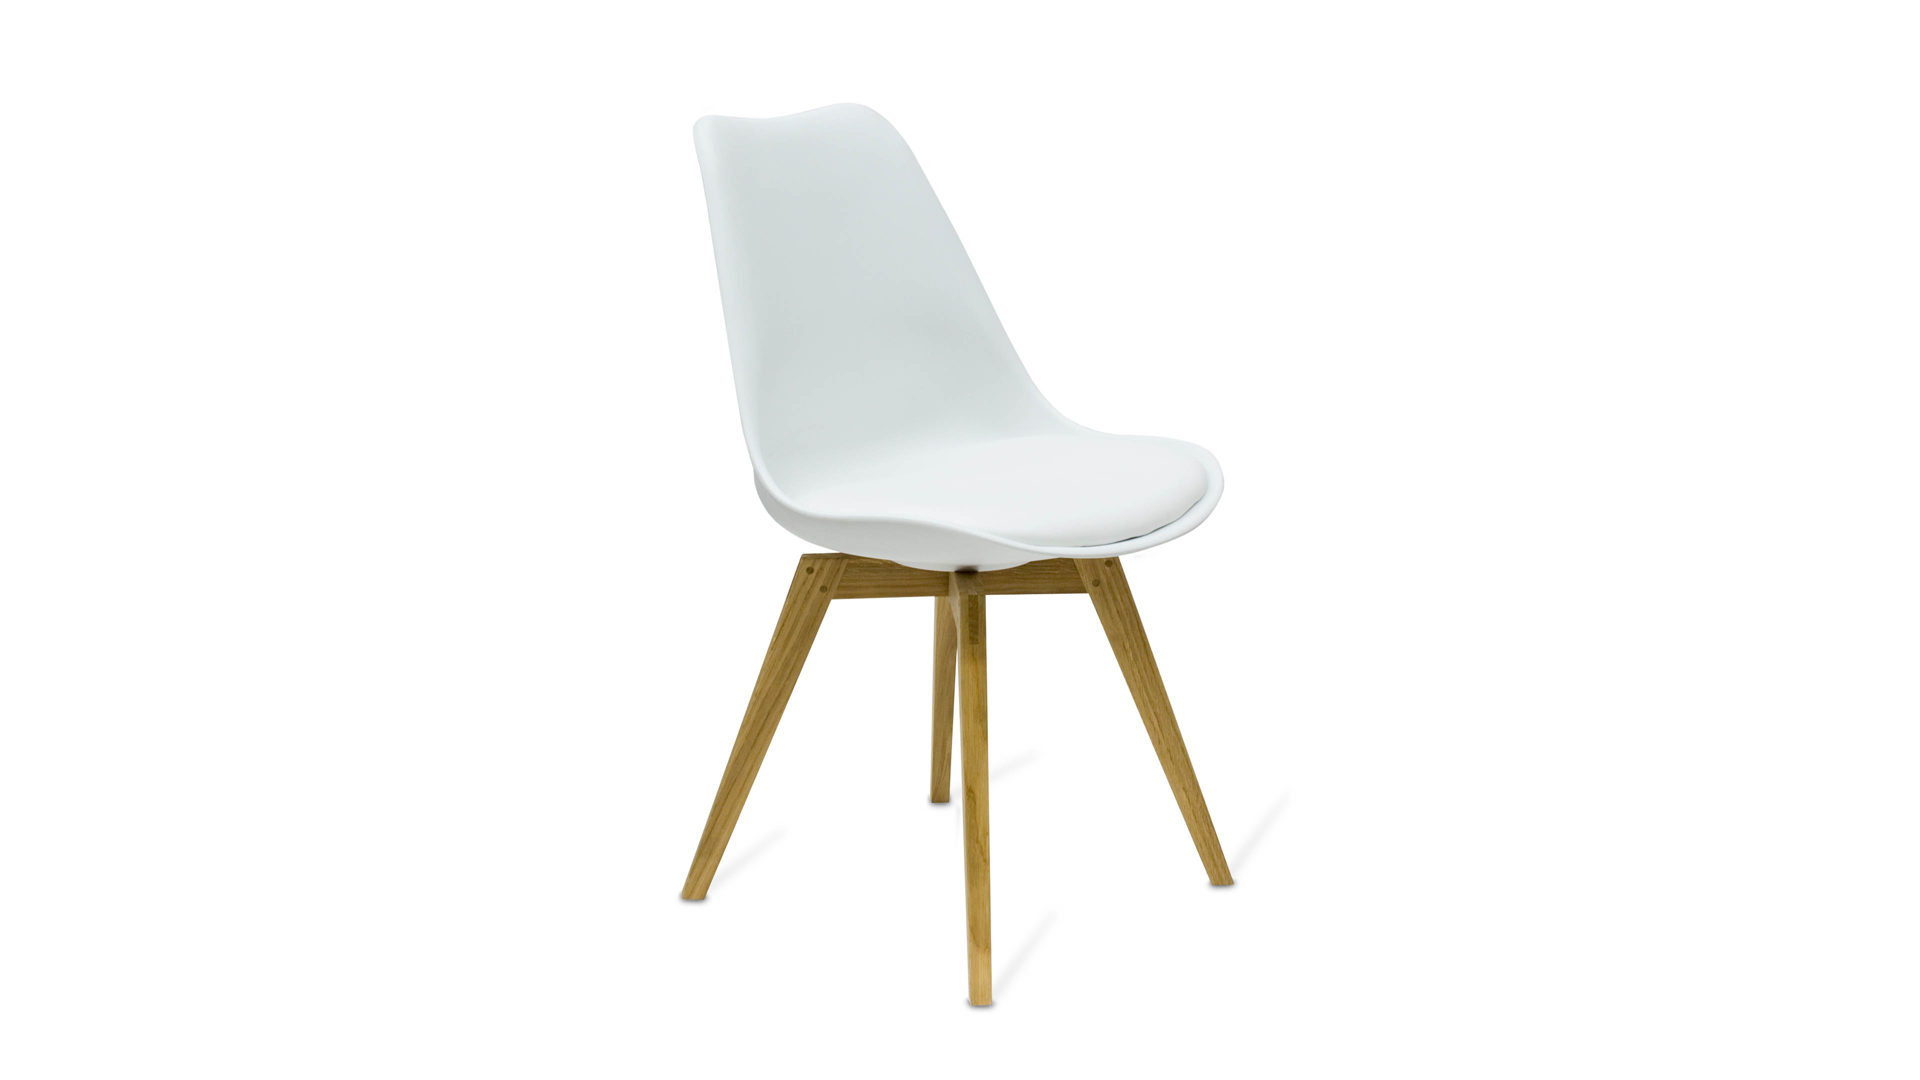 Stuhl Der Als Bequemes Sitzmobel Uberzeugt Weisse Kunststoff Sitzschale Eichenholzfusse